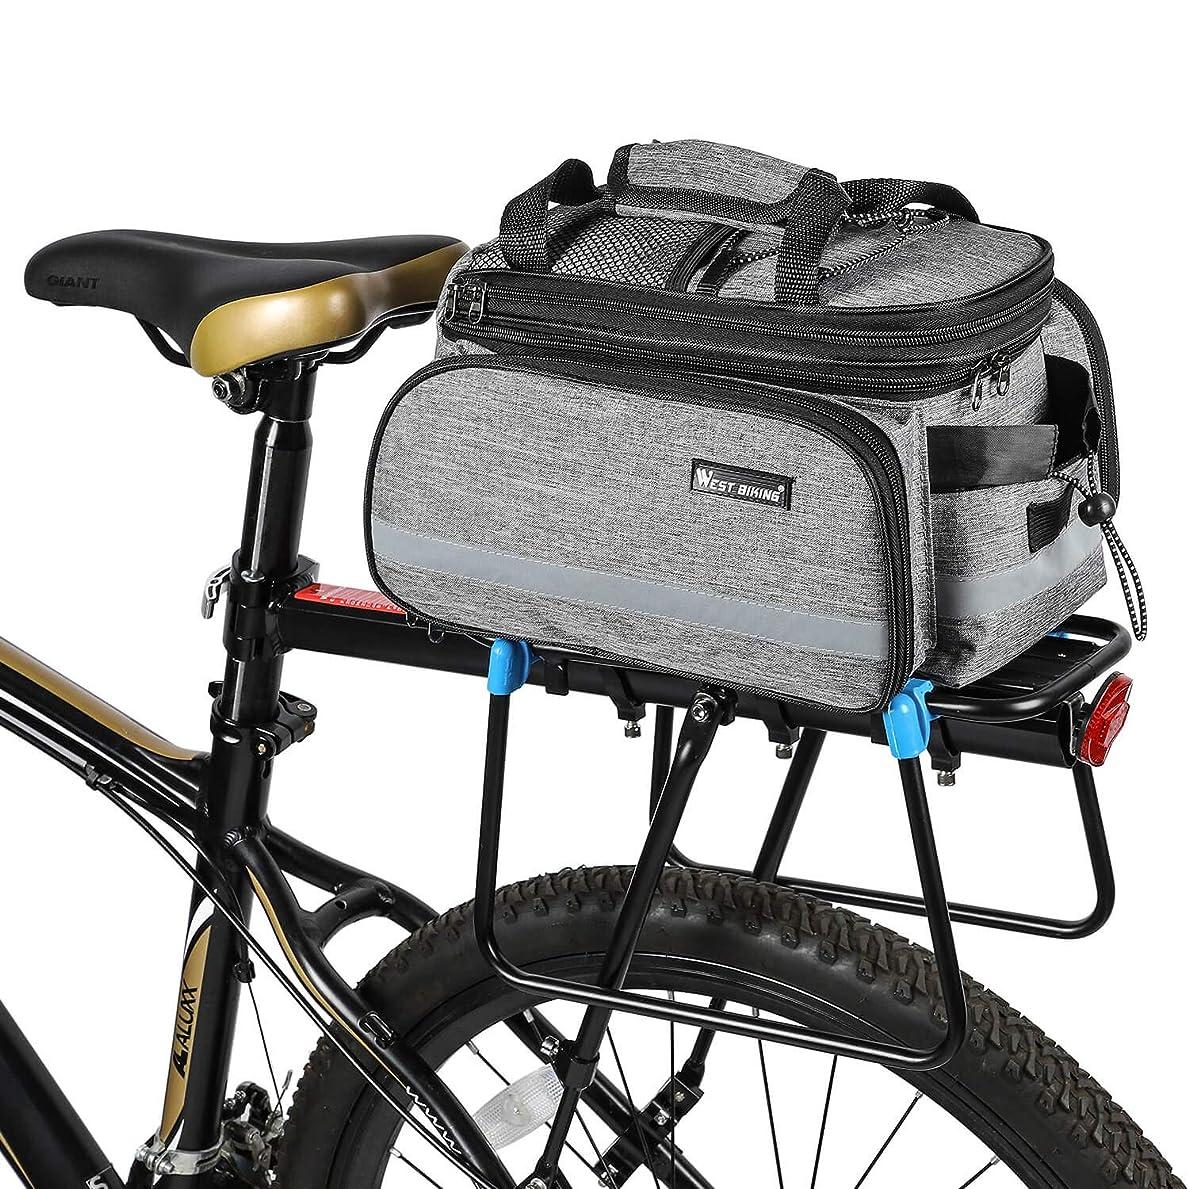 疑い脱獄予想外防水自転車バックポケットサドルバッグ、10-25L多機能大容量取り外し可能な自転車のテールシートのトランクバッグハンドバッグショルダーストラップ、防雨カバー付きサイクリング荷物ラックパッケージ3色